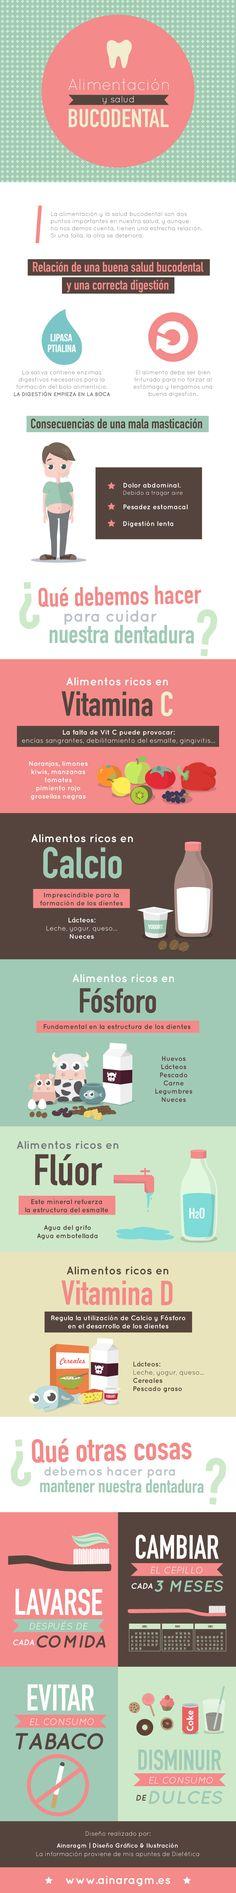 Infografía sobre la alimentación y la salud bucodental